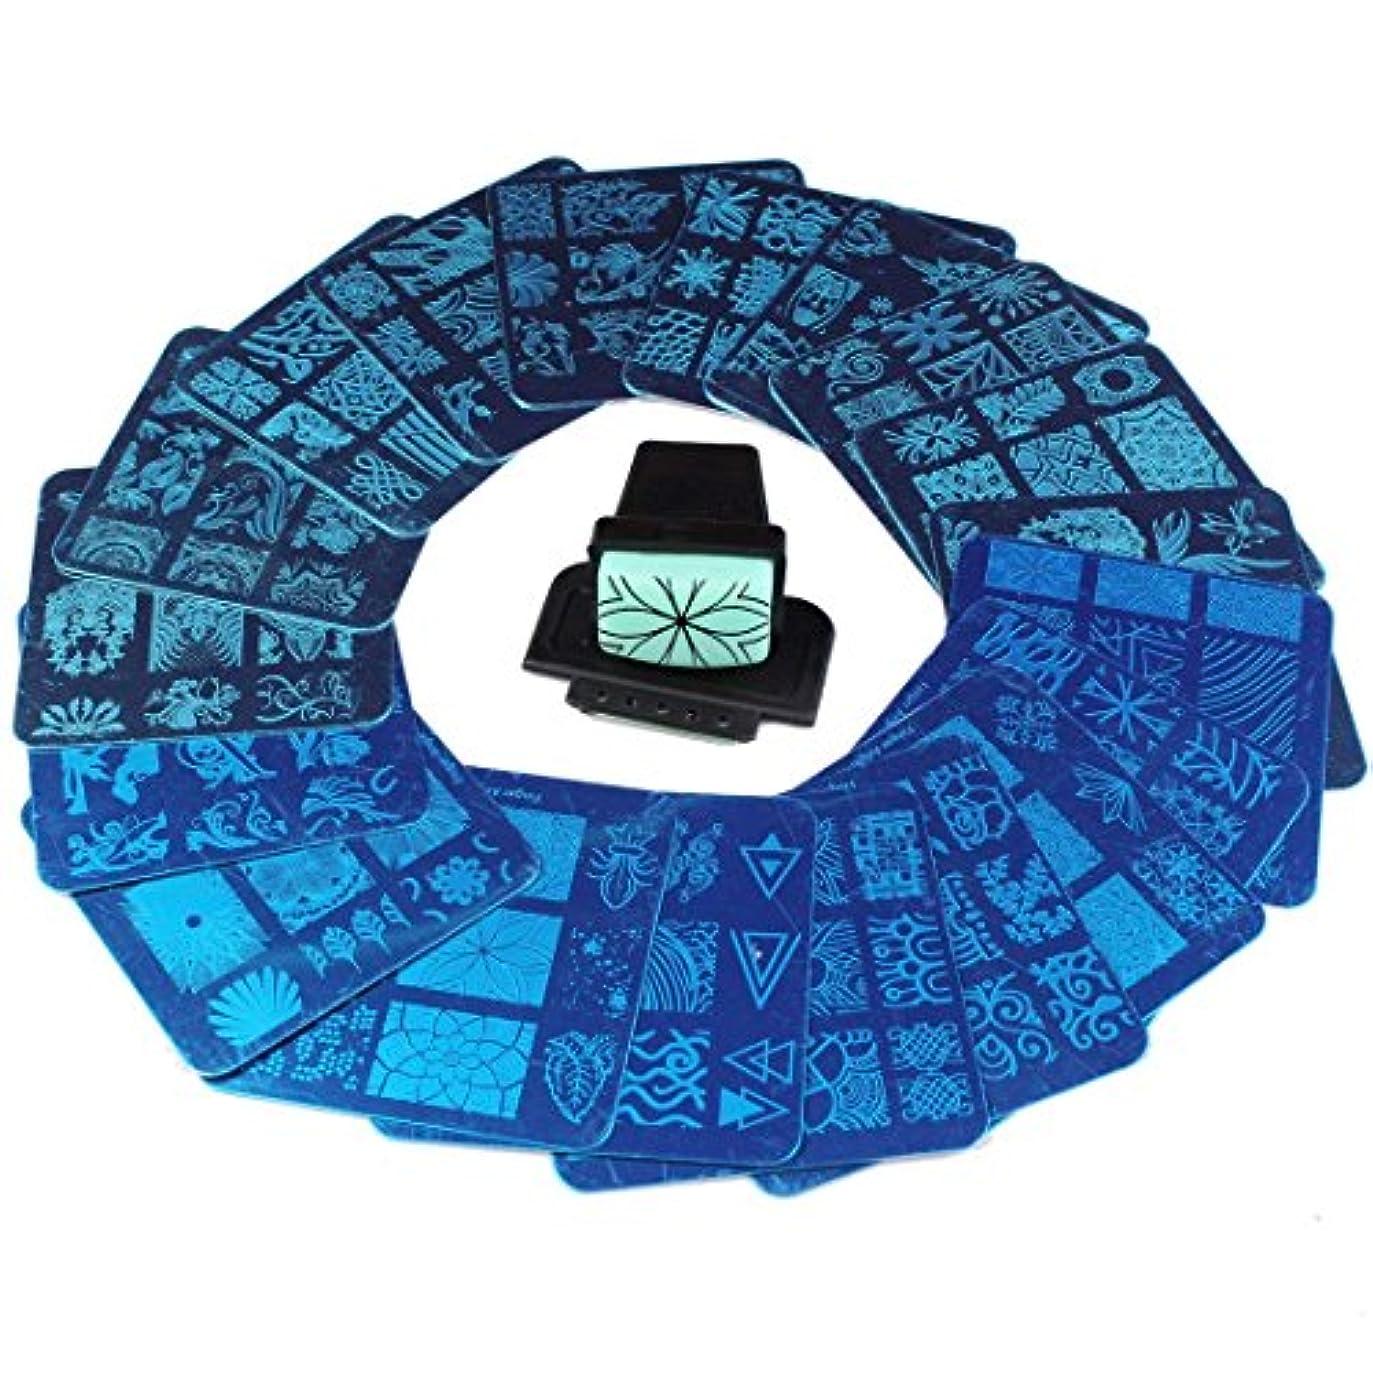 より紳士気取りの、きざな思い出すFingerAngel ネイルイメージプレートセット ネイルプレート 正方形20枚 付き ネイルサロンも自宅も使えるネイルプレート